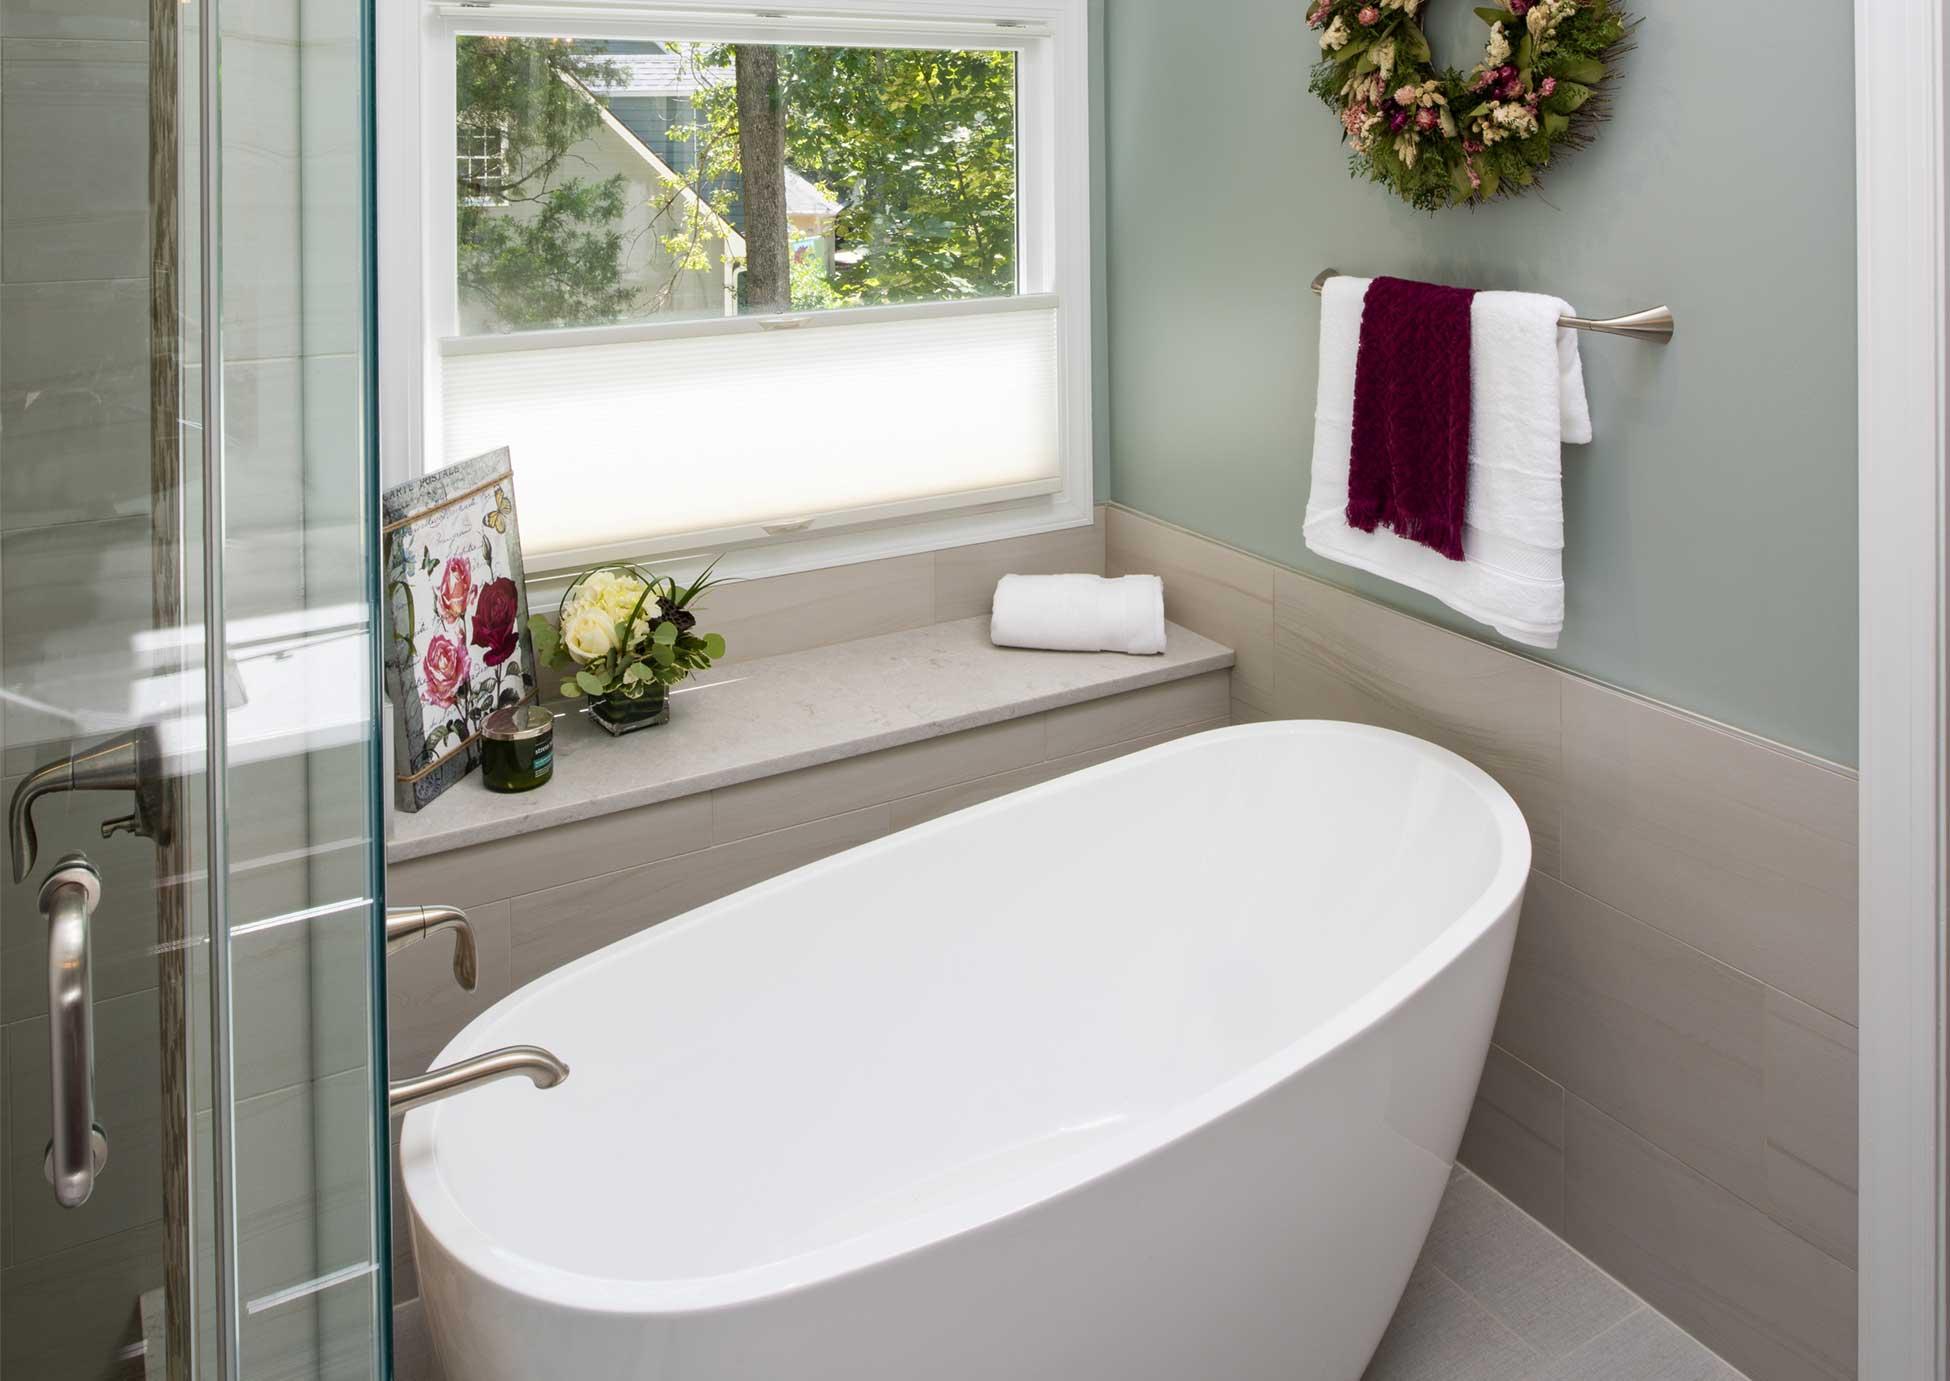 Master Bathroom Remodel - Cederberg Kitchens + Renovations  Home